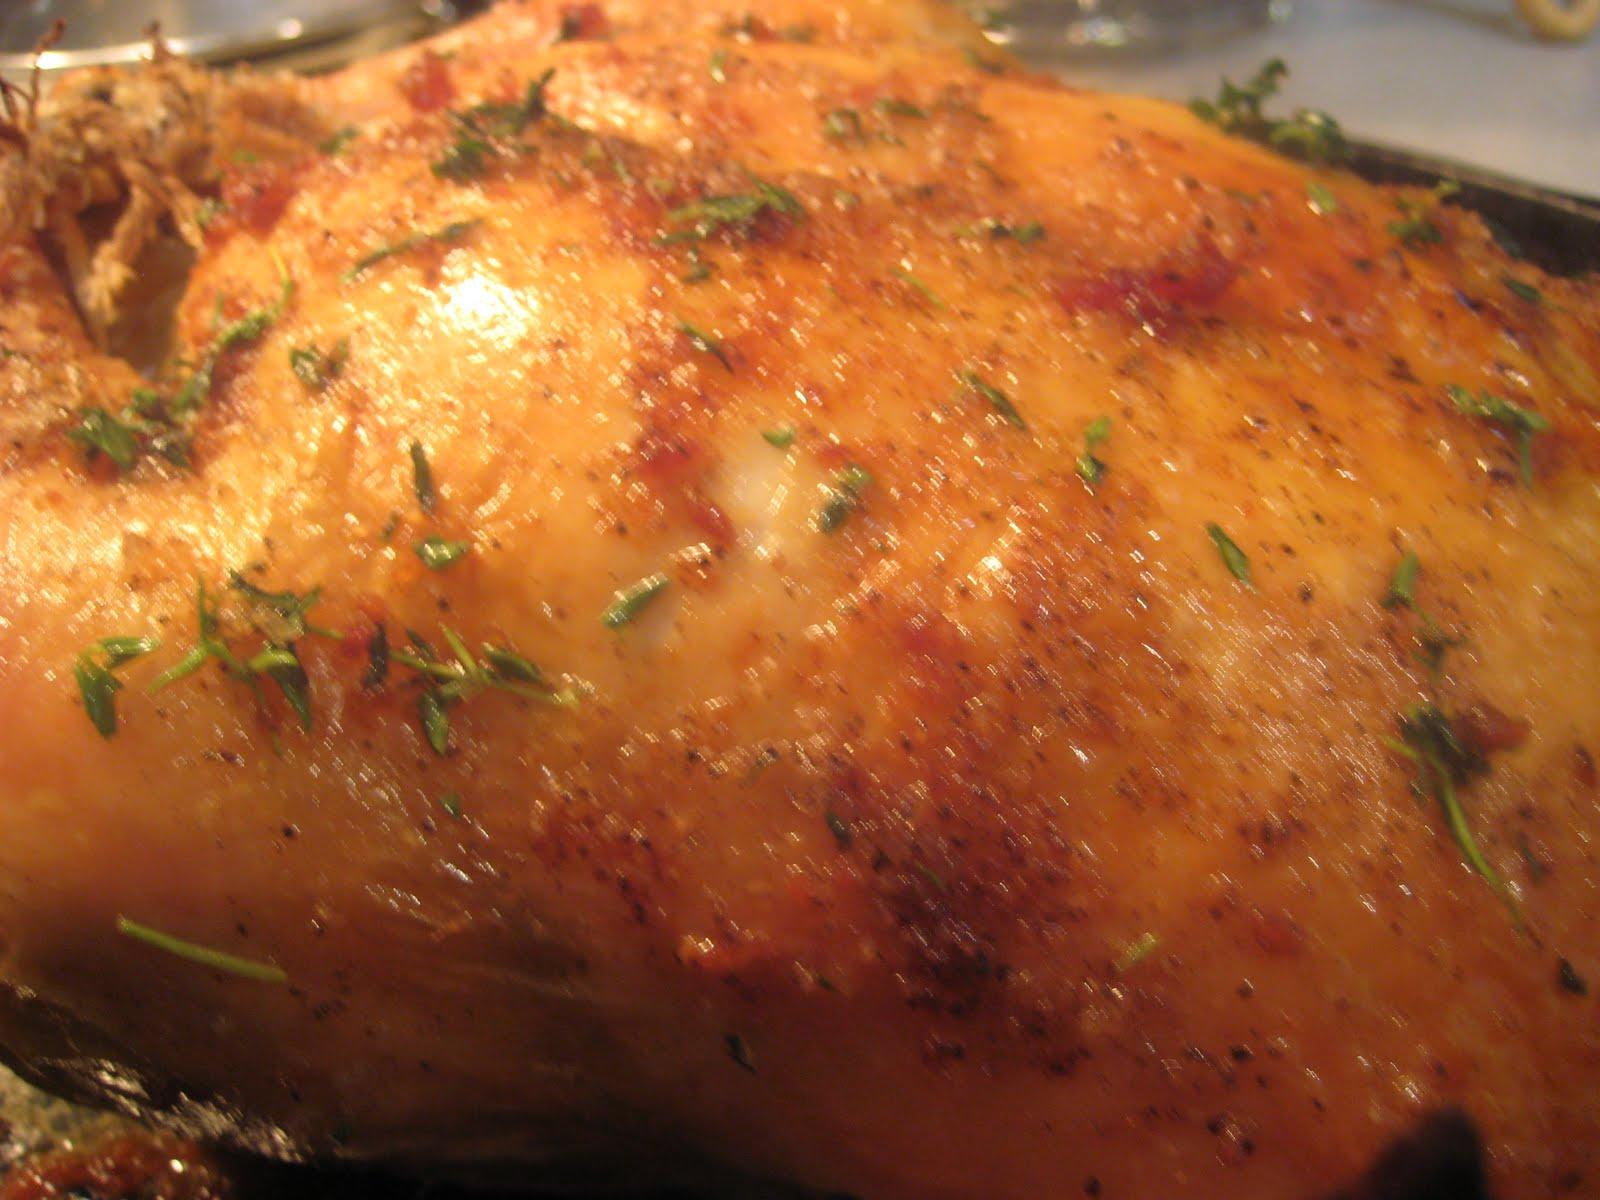 One Couple's Kitchen: Thomas Keller's Simple Roast Chicken